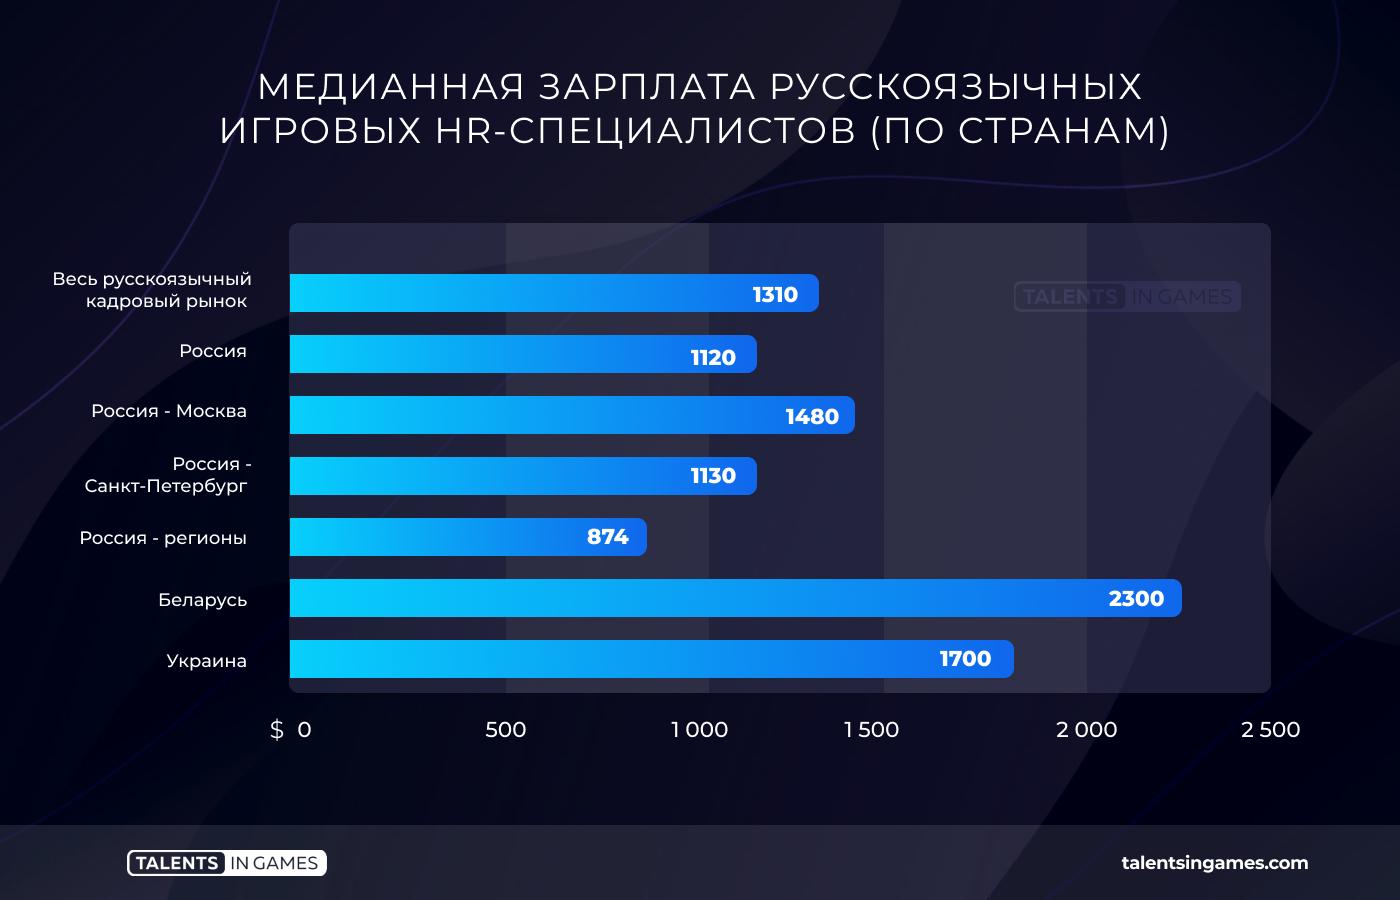 Украинский геймдев платит программистам в два раза больше, чем российский - 1